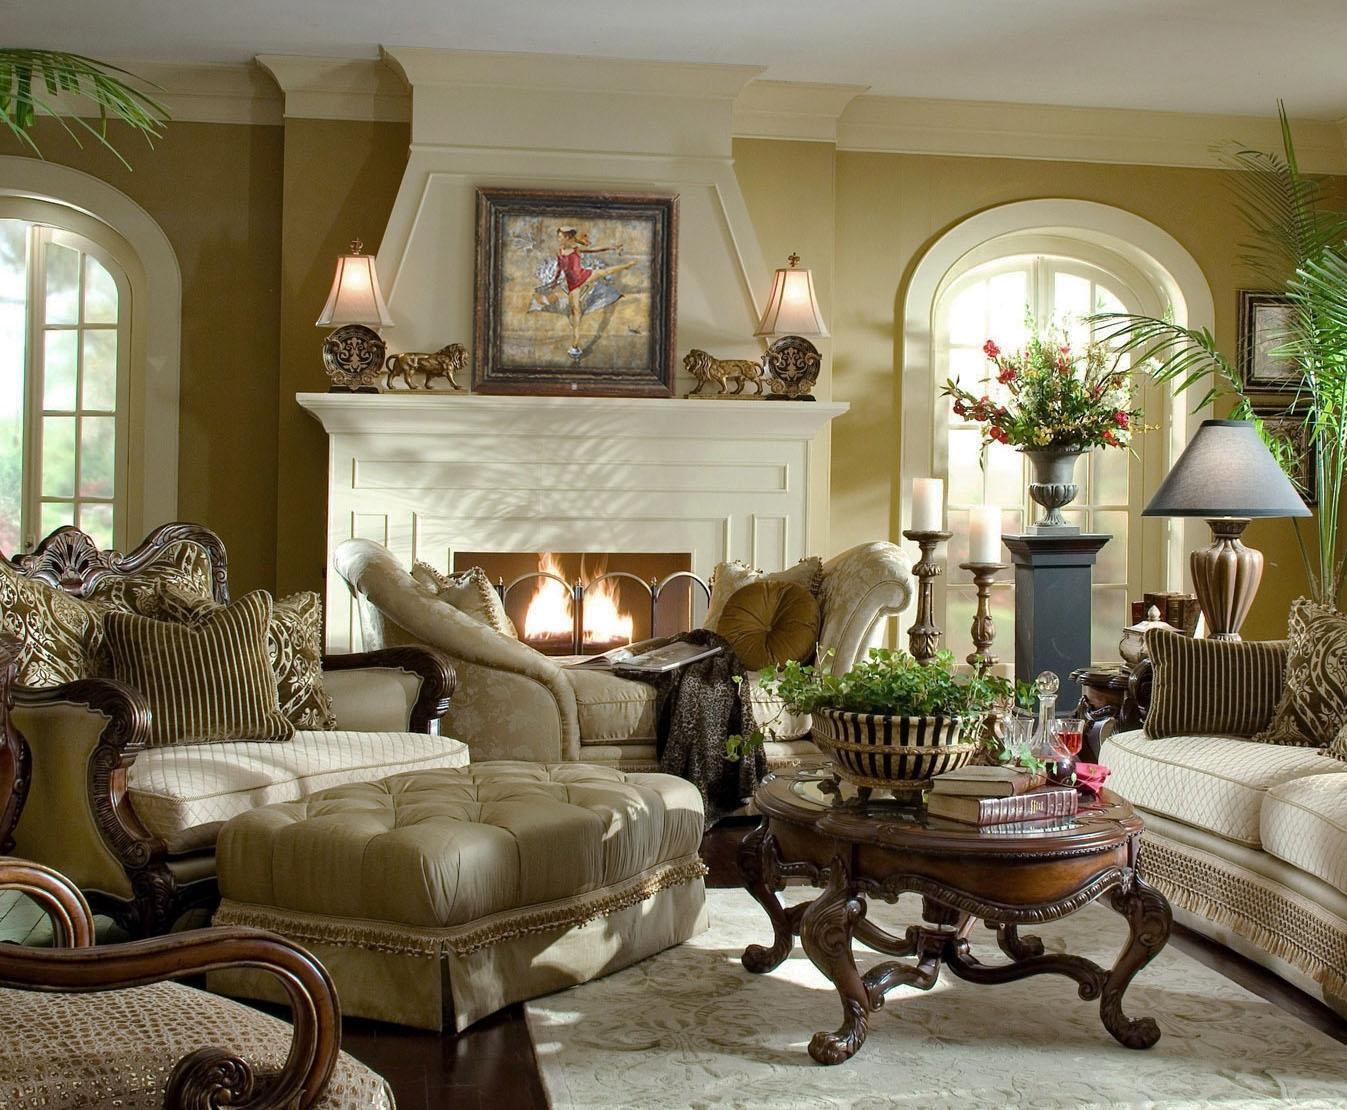 living_room_furniture_antique_beautiful_interior_39359_1920x1200.jpg